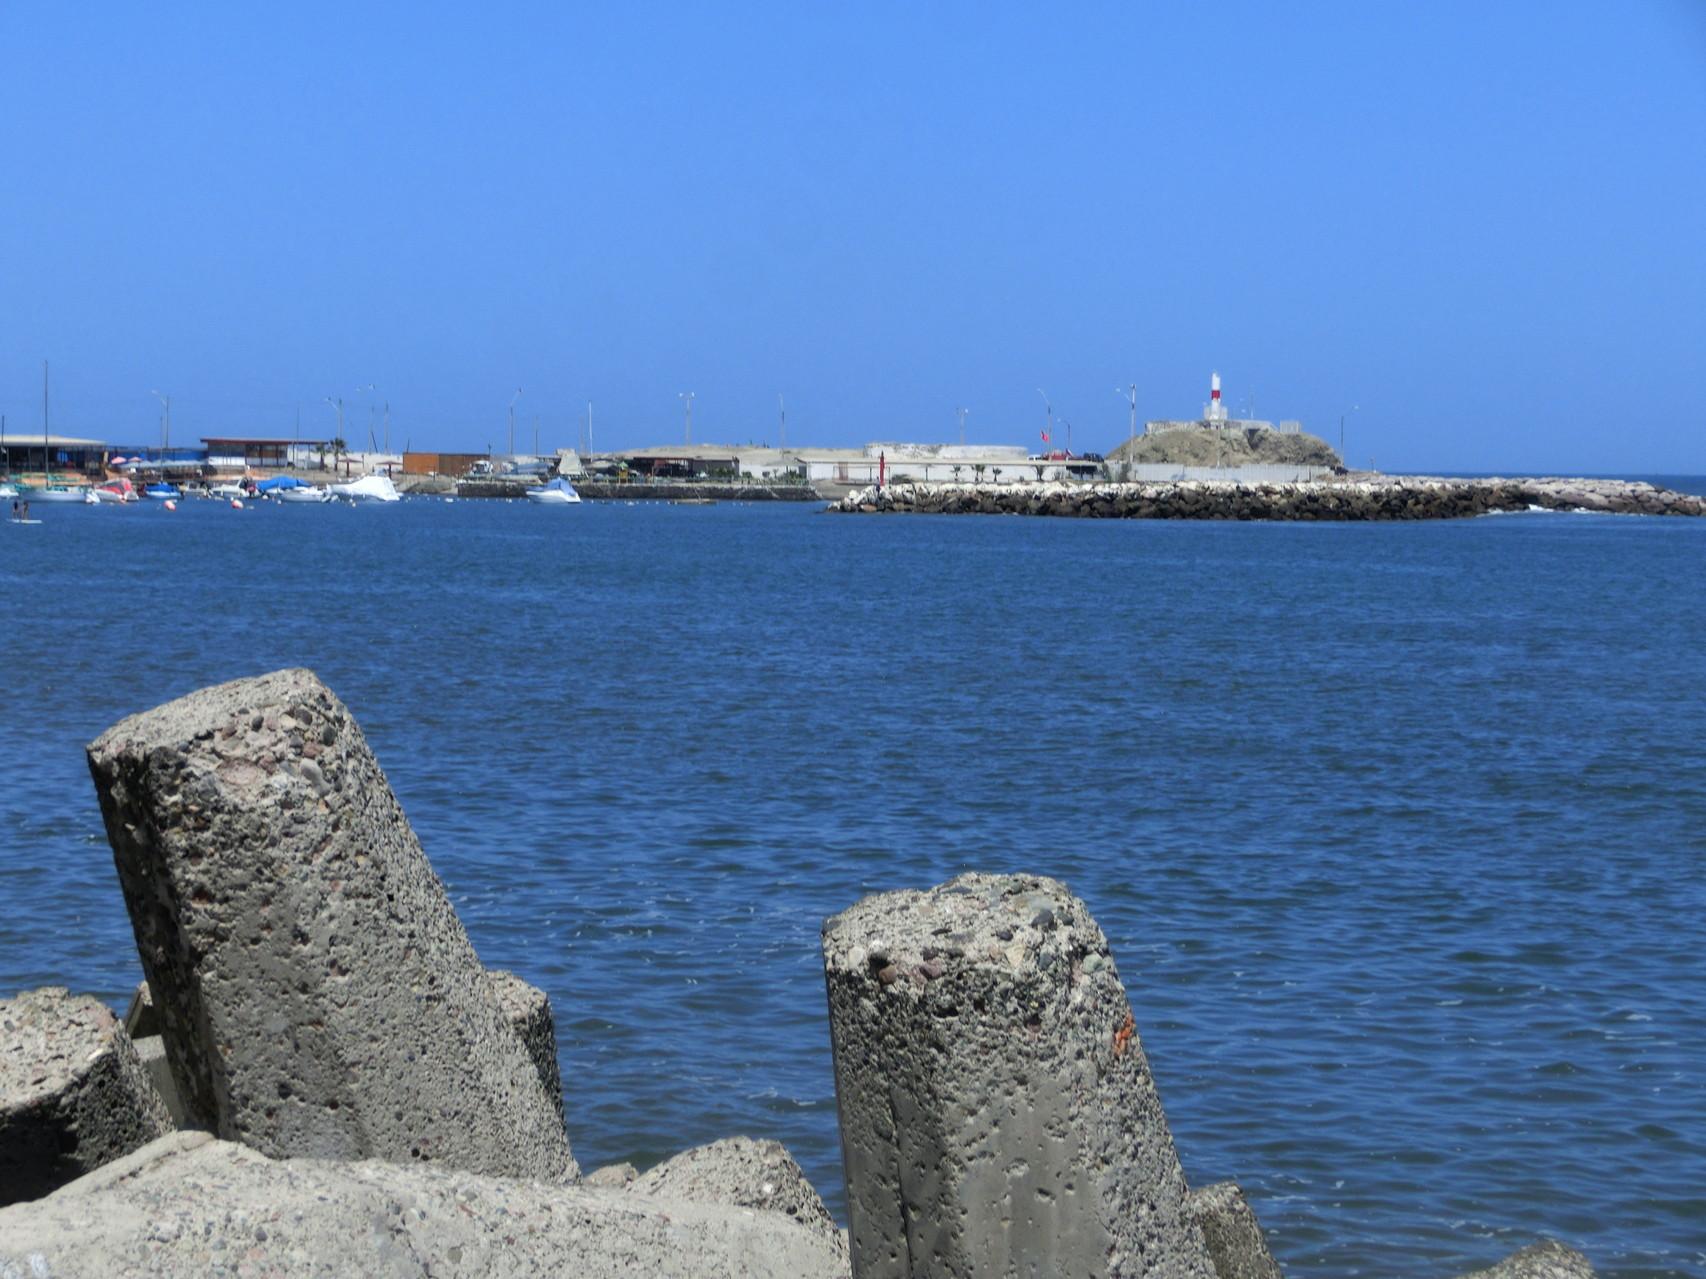 Der Hafen von Arica